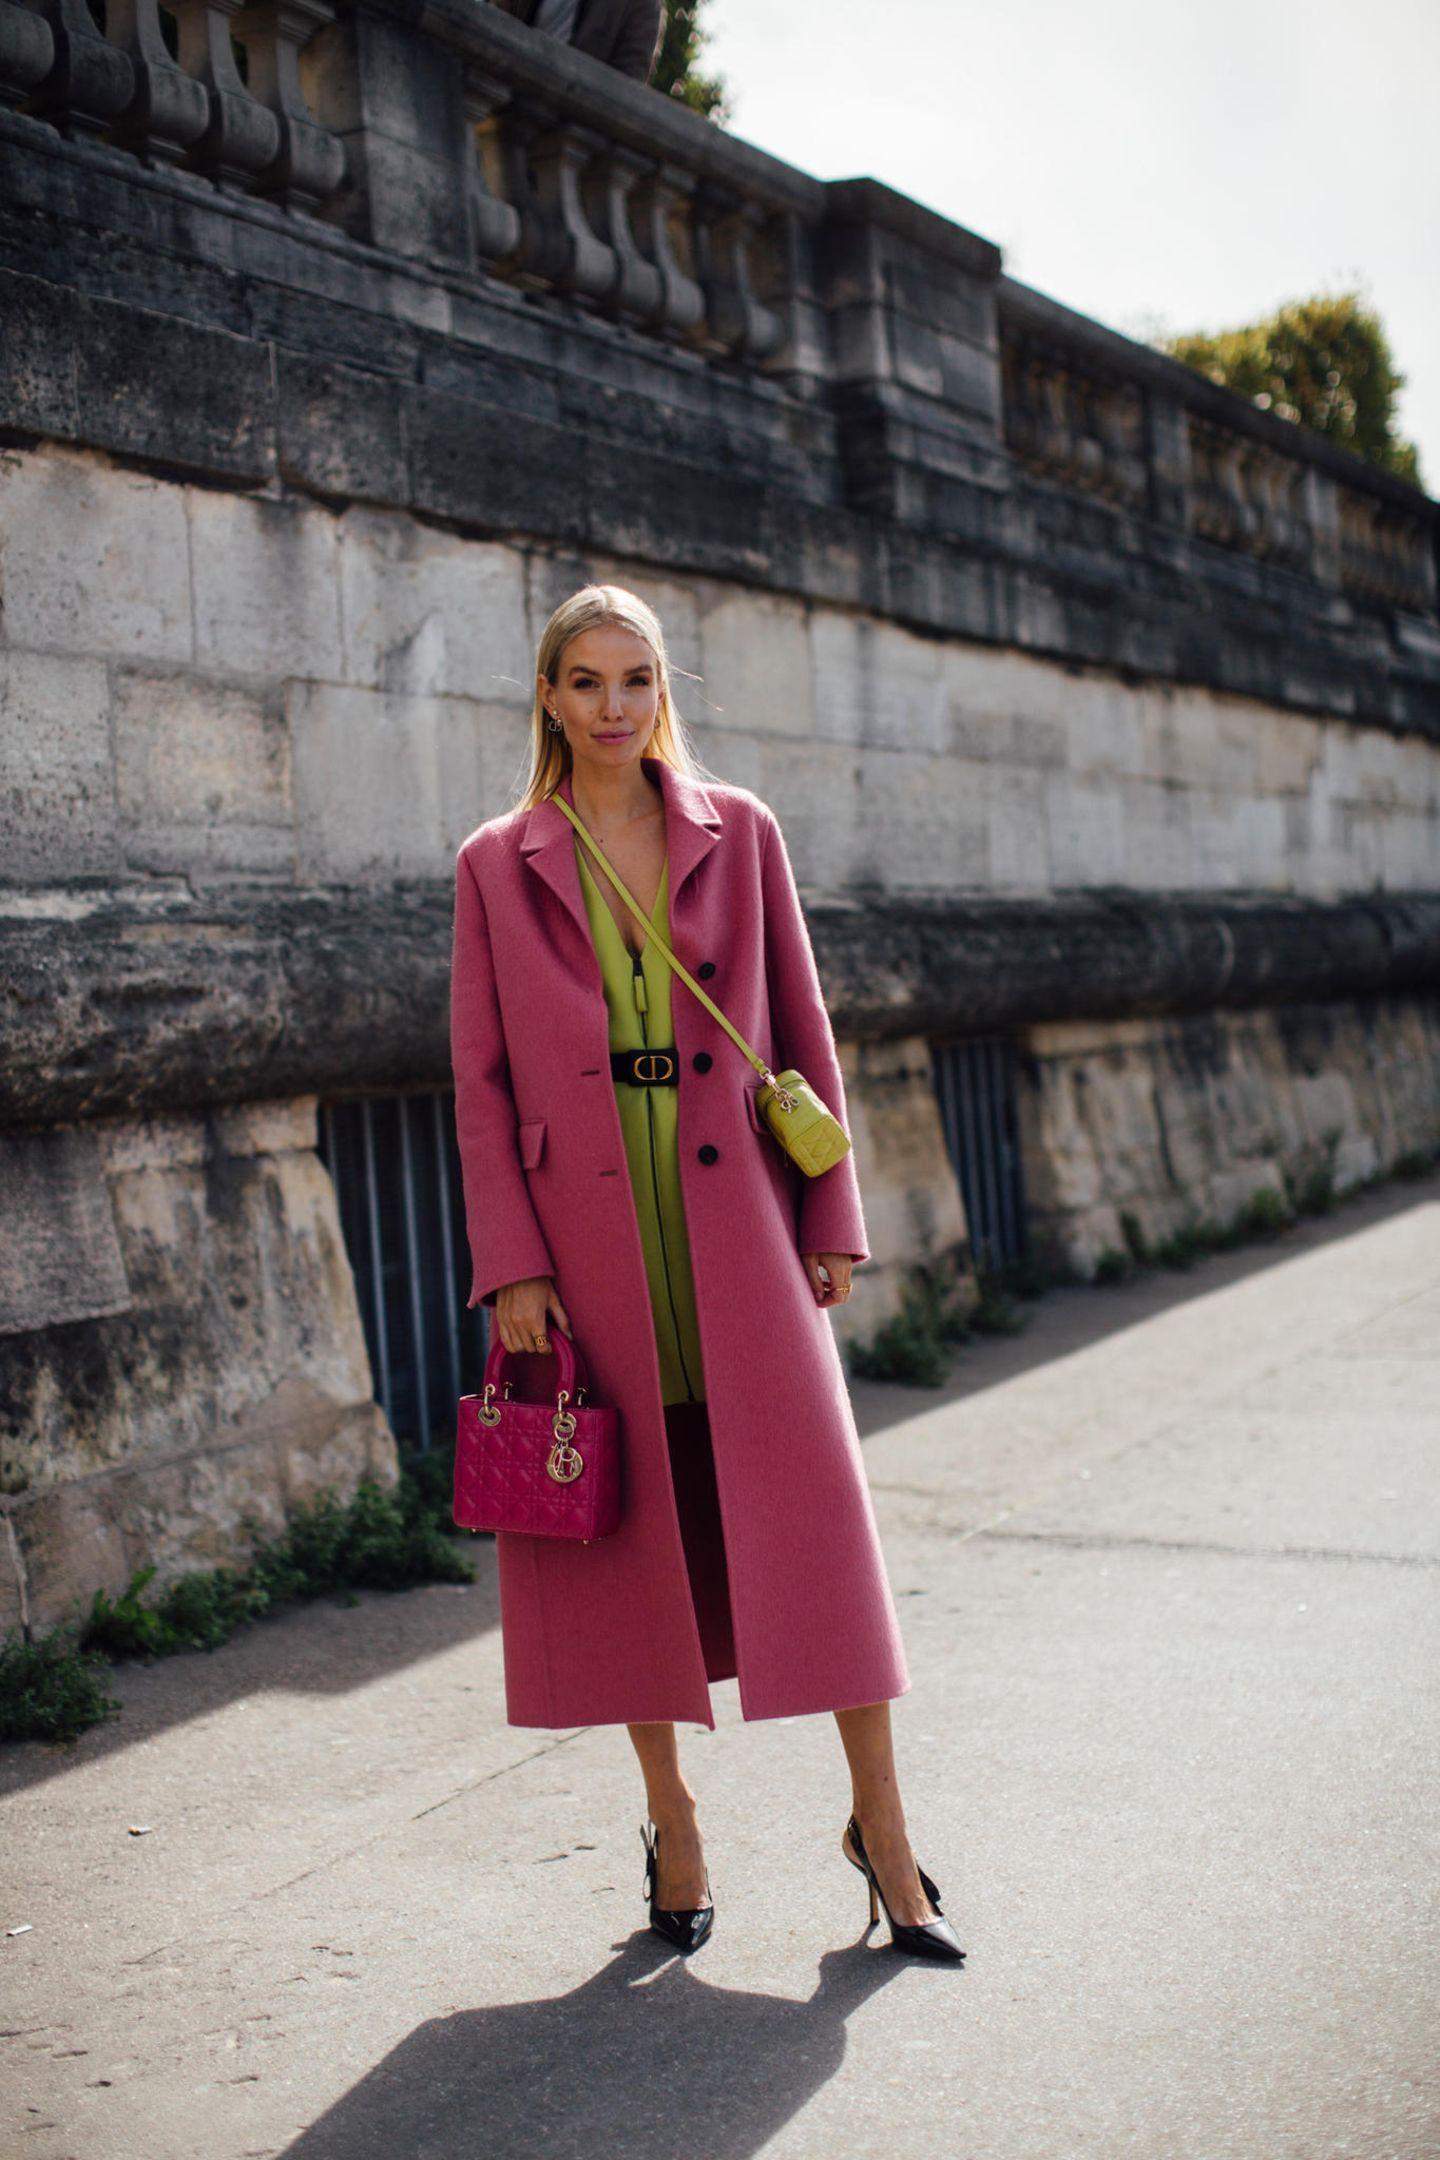 Leonie Hanne sorgt mit ihrer knalligen Garderobe mal wieder für spannende Farbakzente auf den Straßen von Paris.